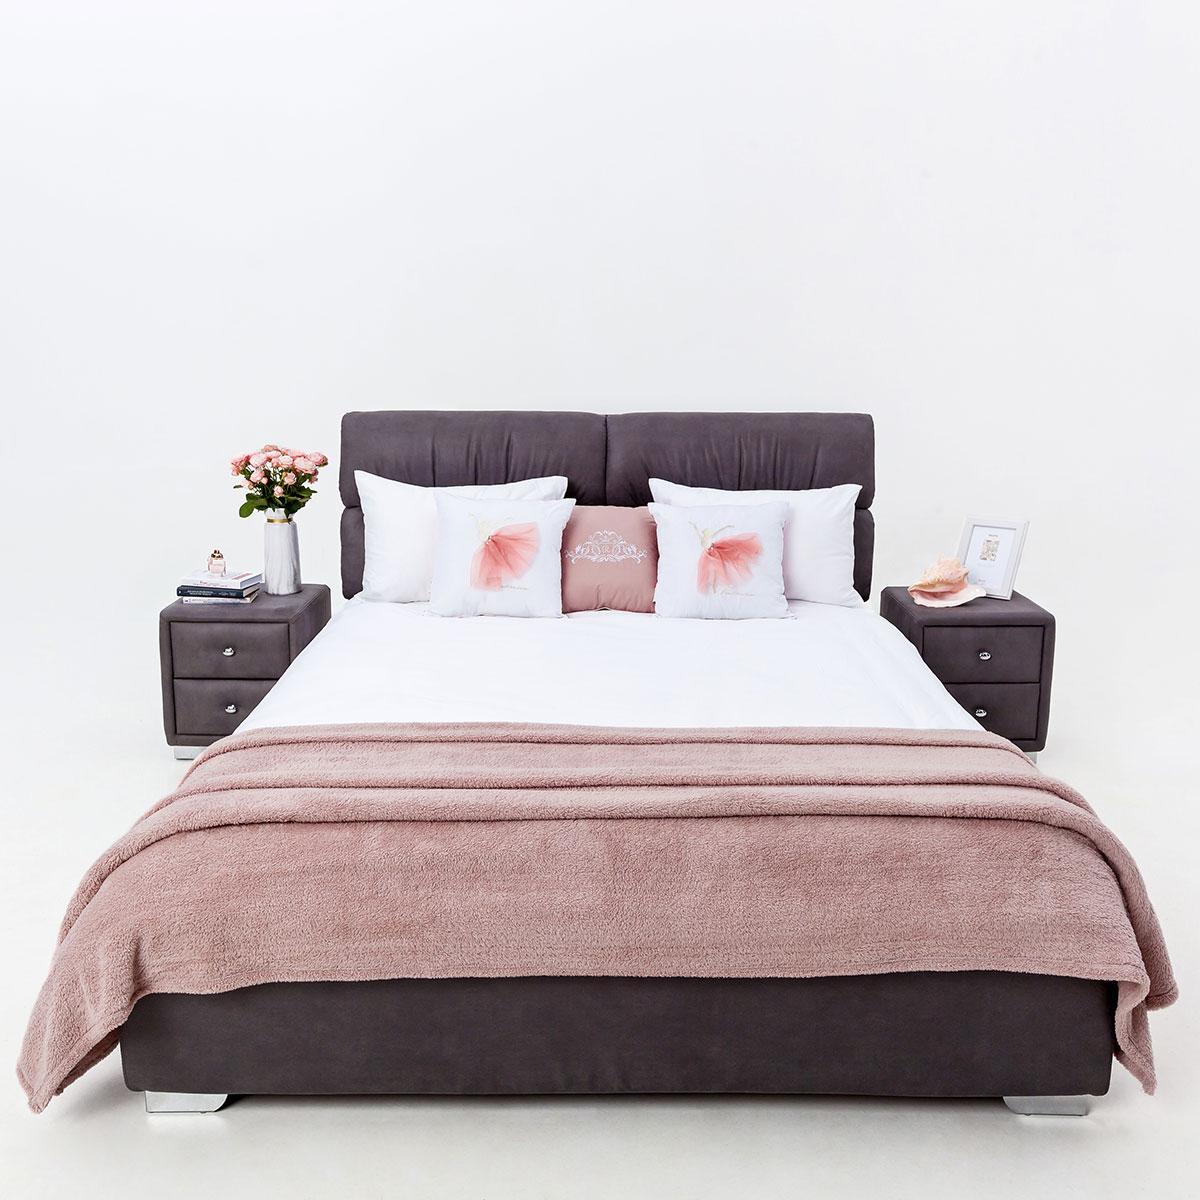 Стильна м'яке ліжко Манчестер з підйомним механізмом Novelty, оббивка на вибір